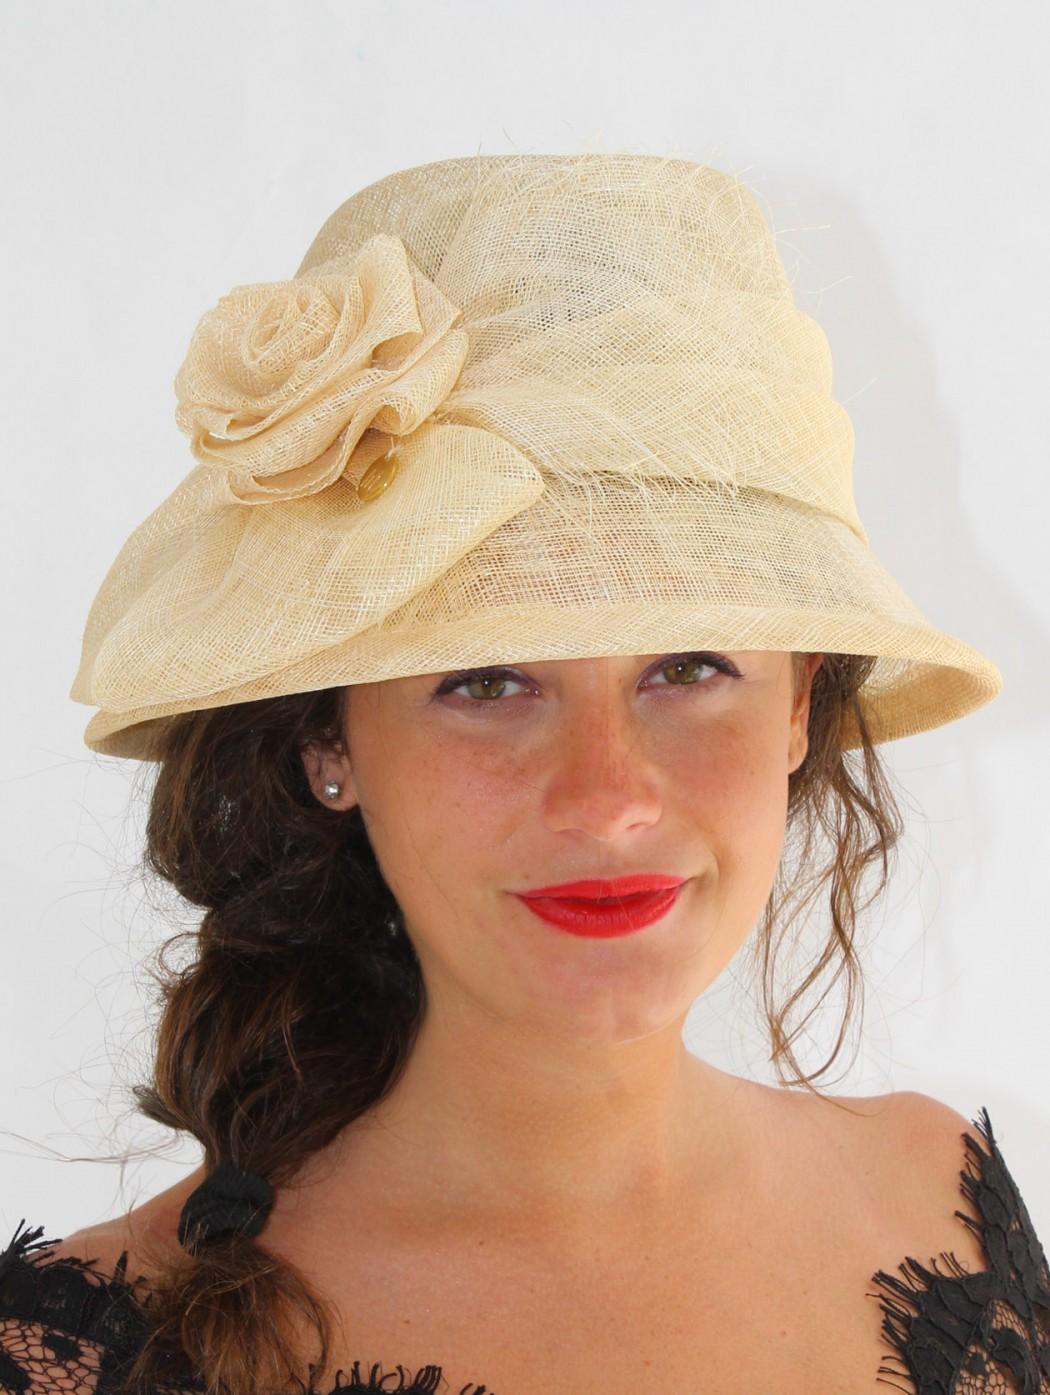 White sand high wedding hat